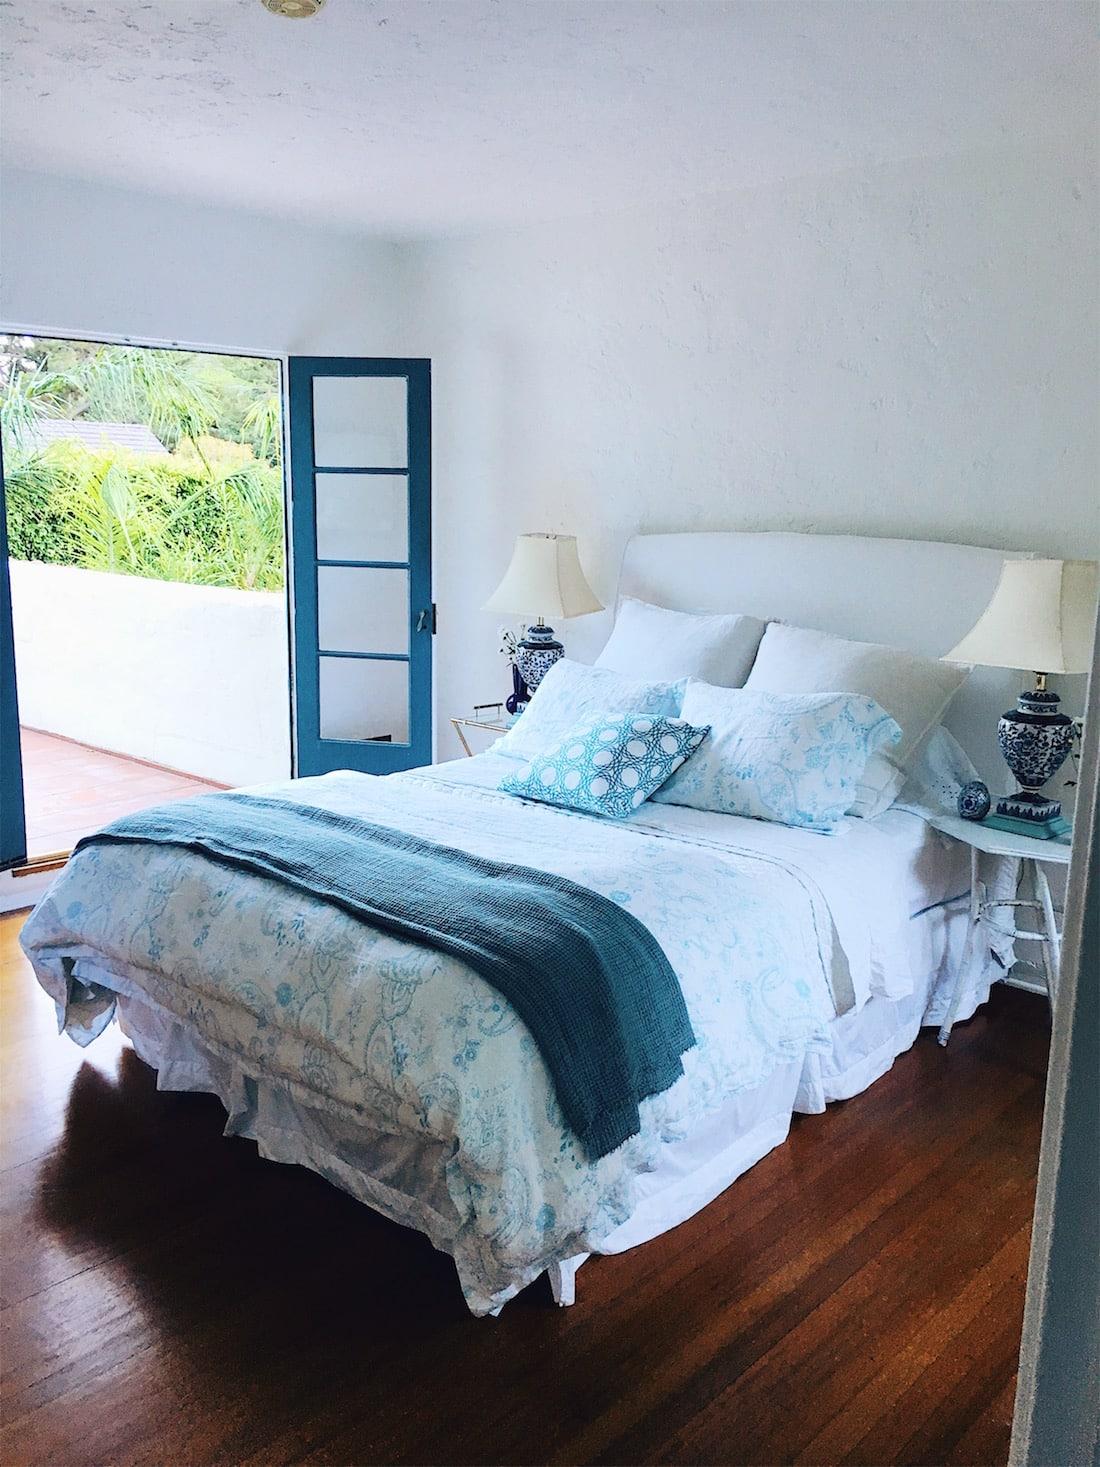 My Master Bedroom Bedding | COCOCOZY